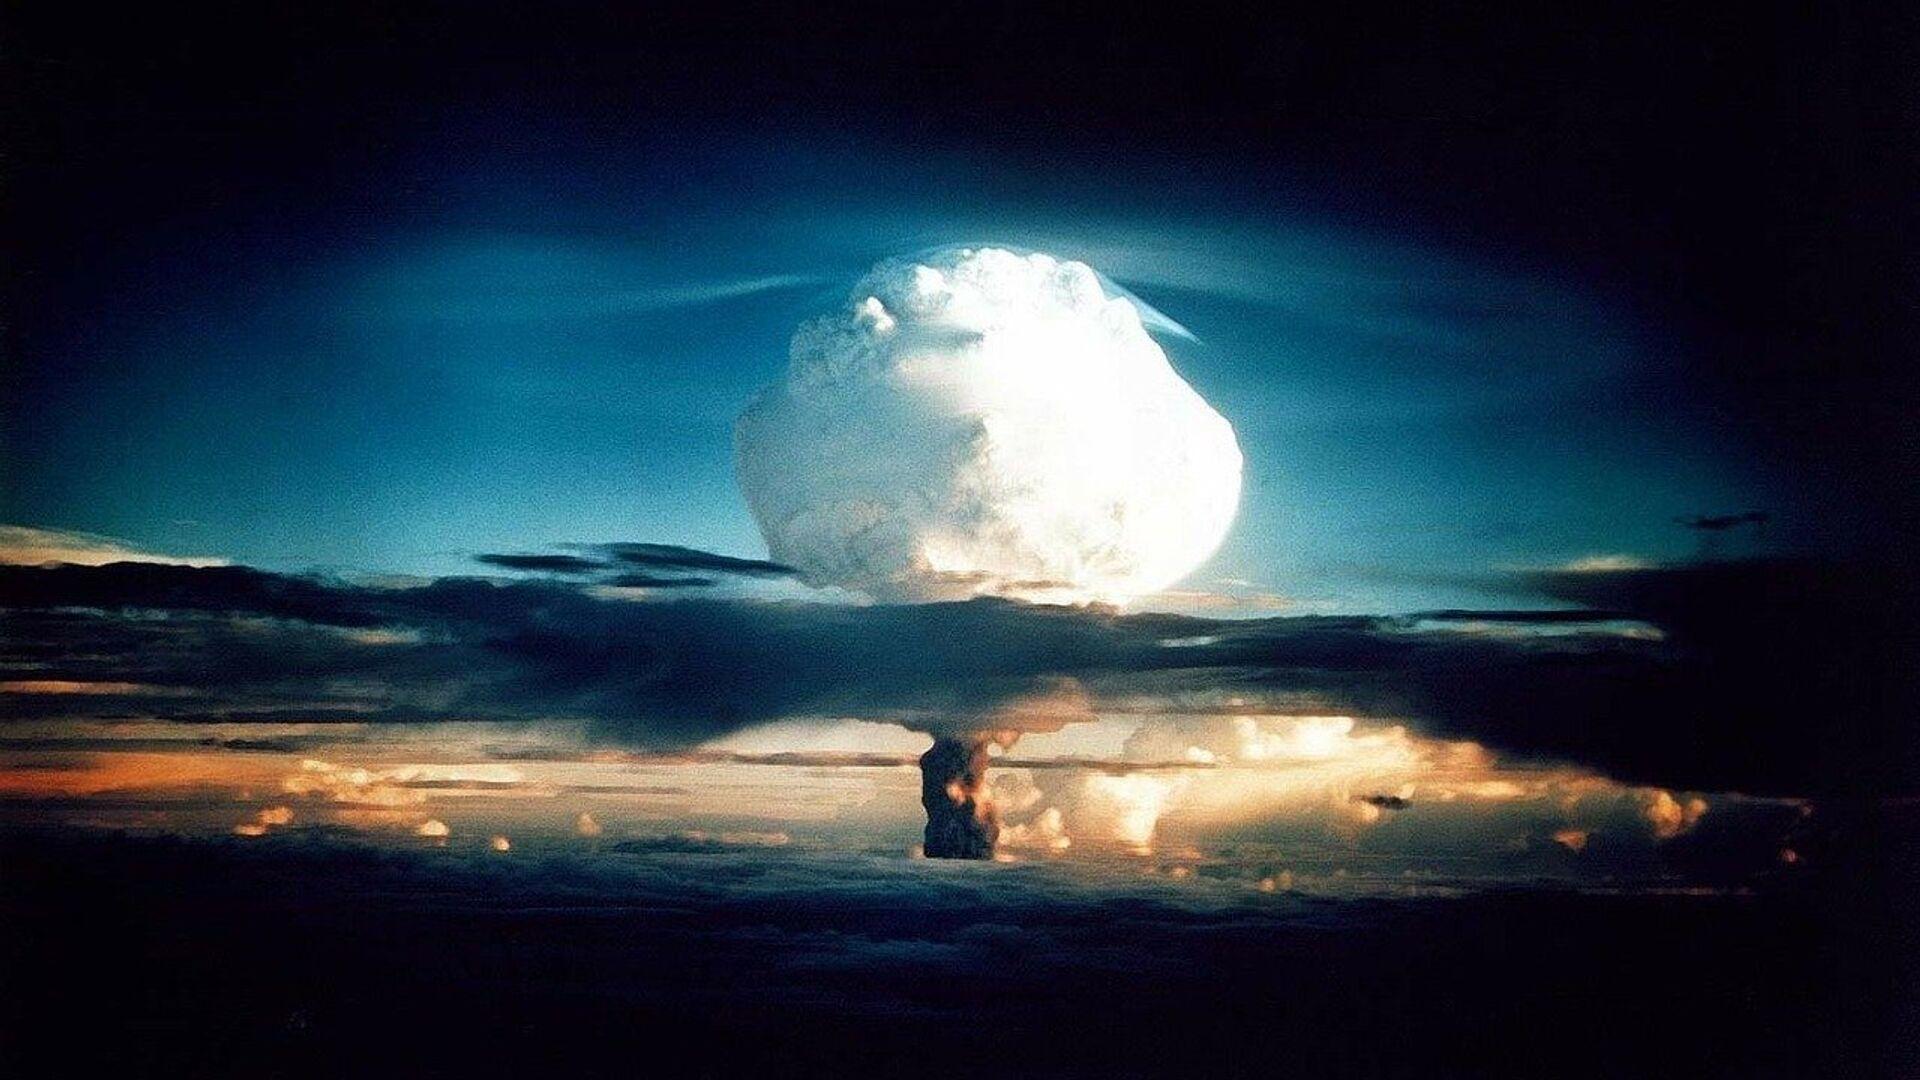 Έκρηξη βόμβας υδρογόνου - Sputnik Ελλάδα, 1920, 09.10.2021